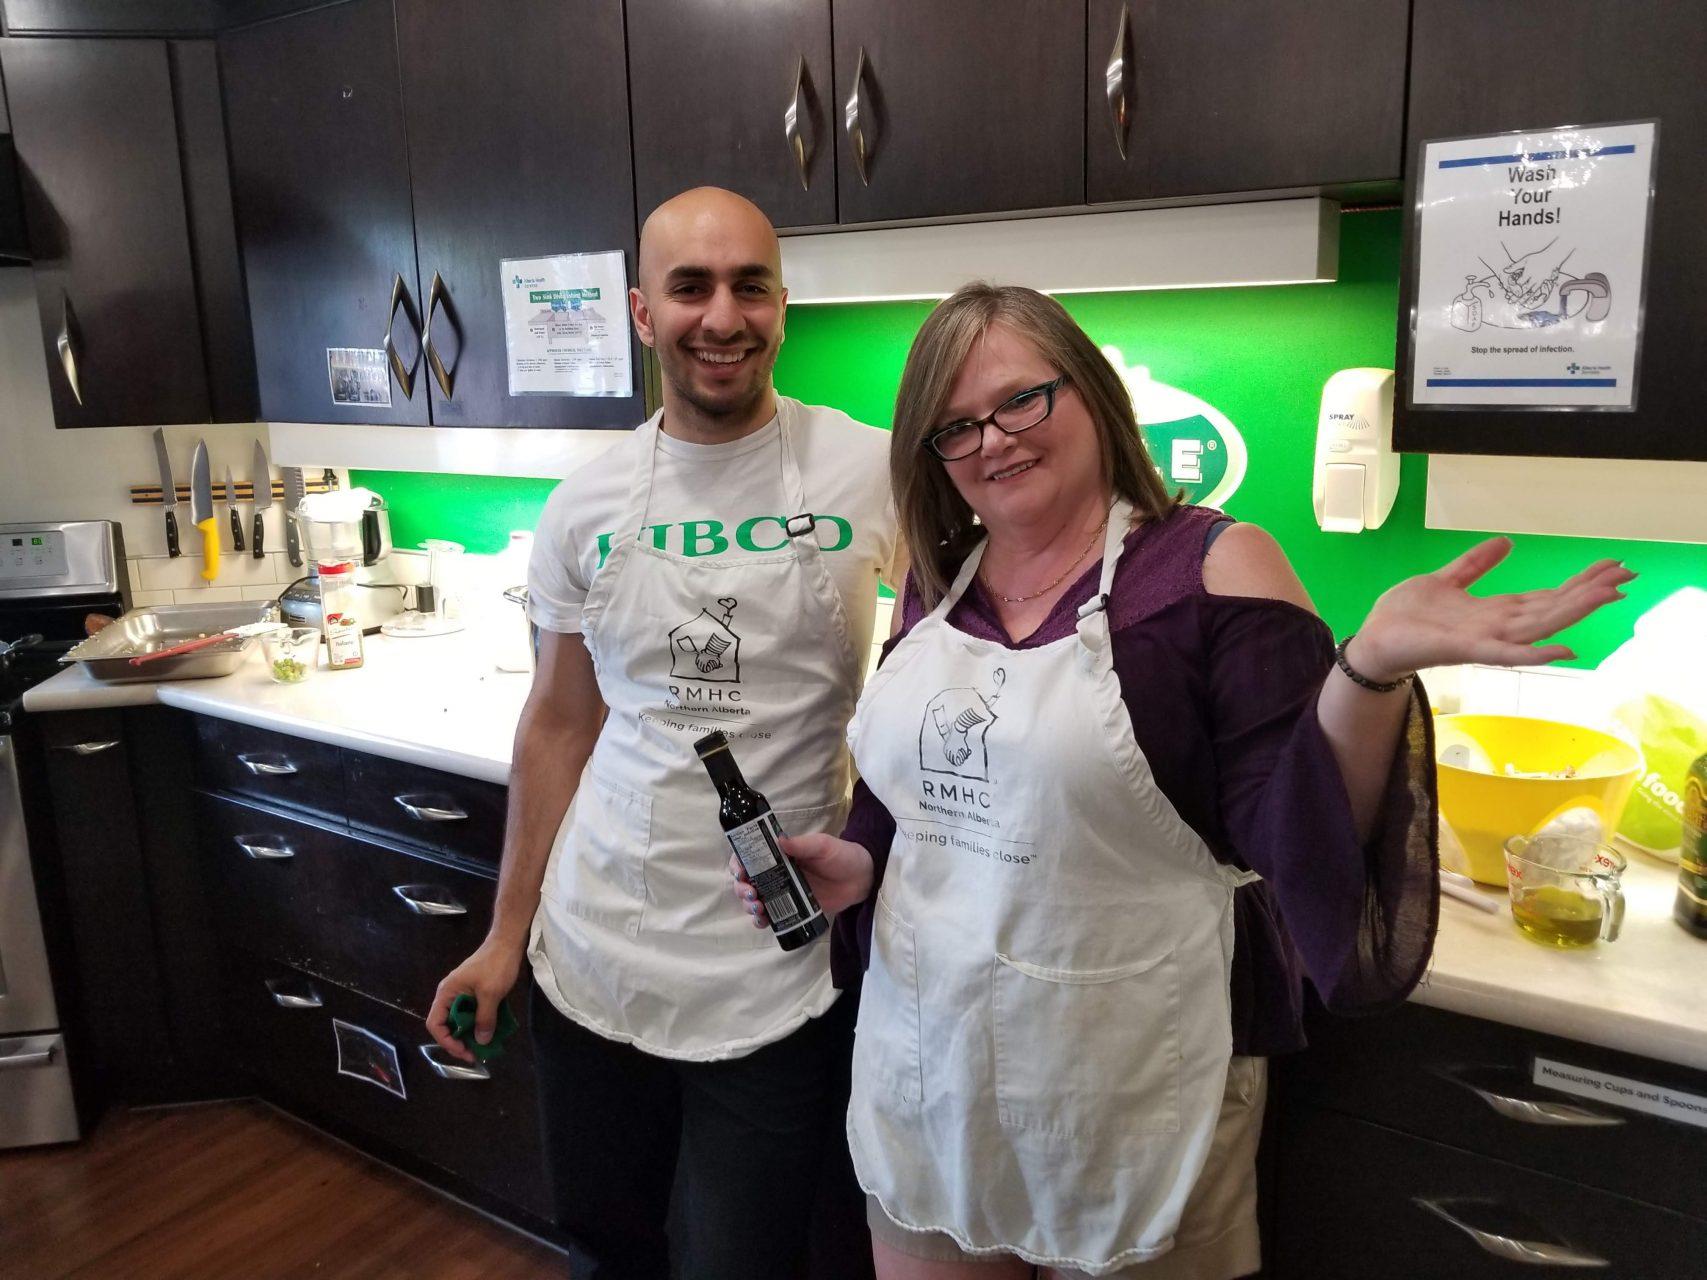 Meals that Mend Program in Edmonton